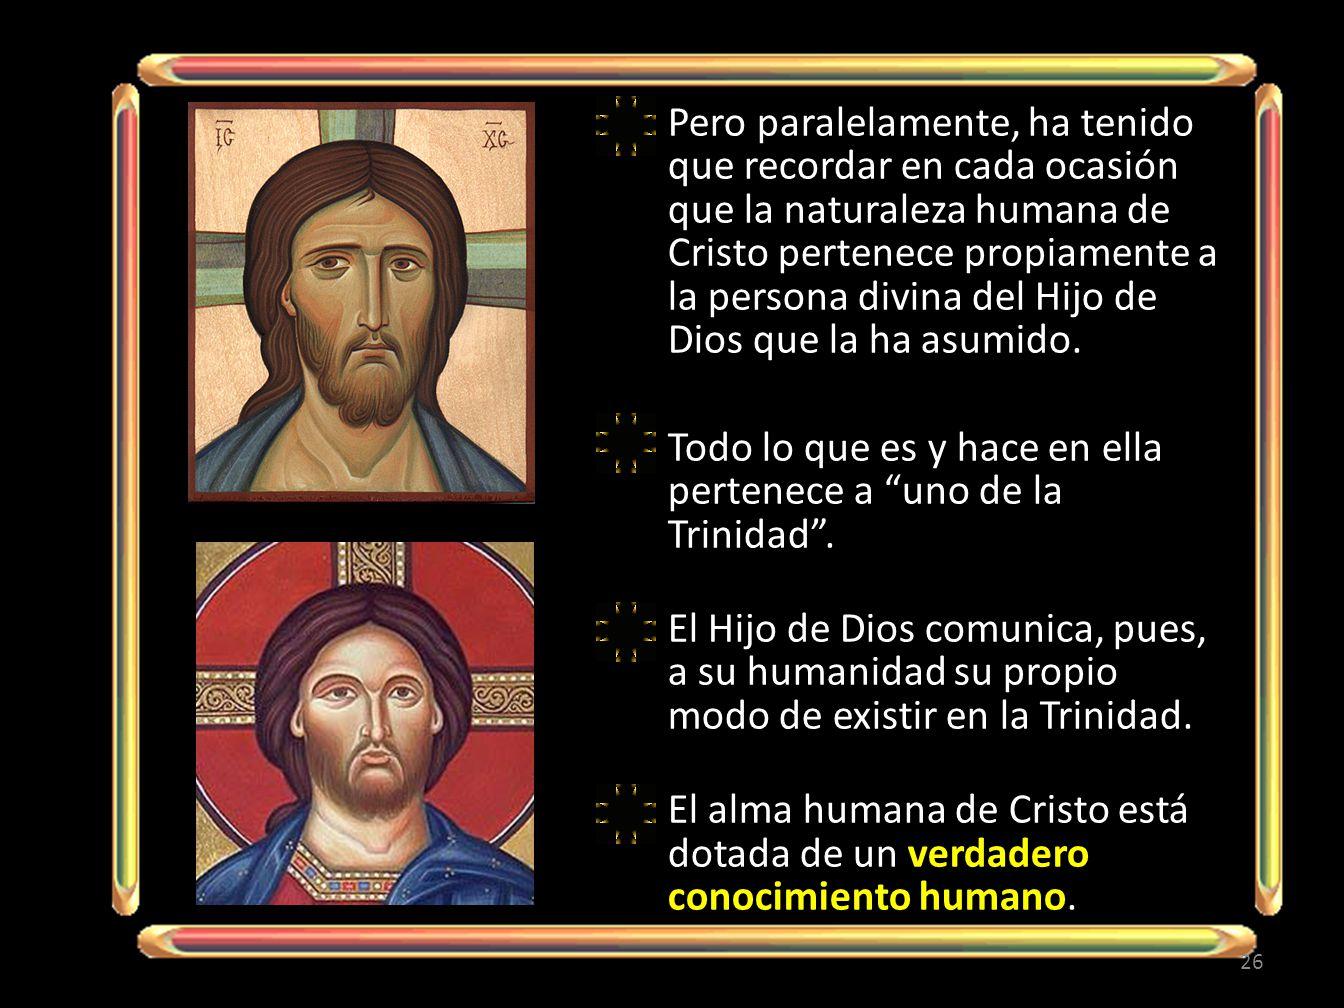 Pero paralelamente, ha tenido que recordar en cada ocasión que la naturaleza humana de Cristo pertenece propiamente a la persona divina del Hijo de Dios que la ha asumido.